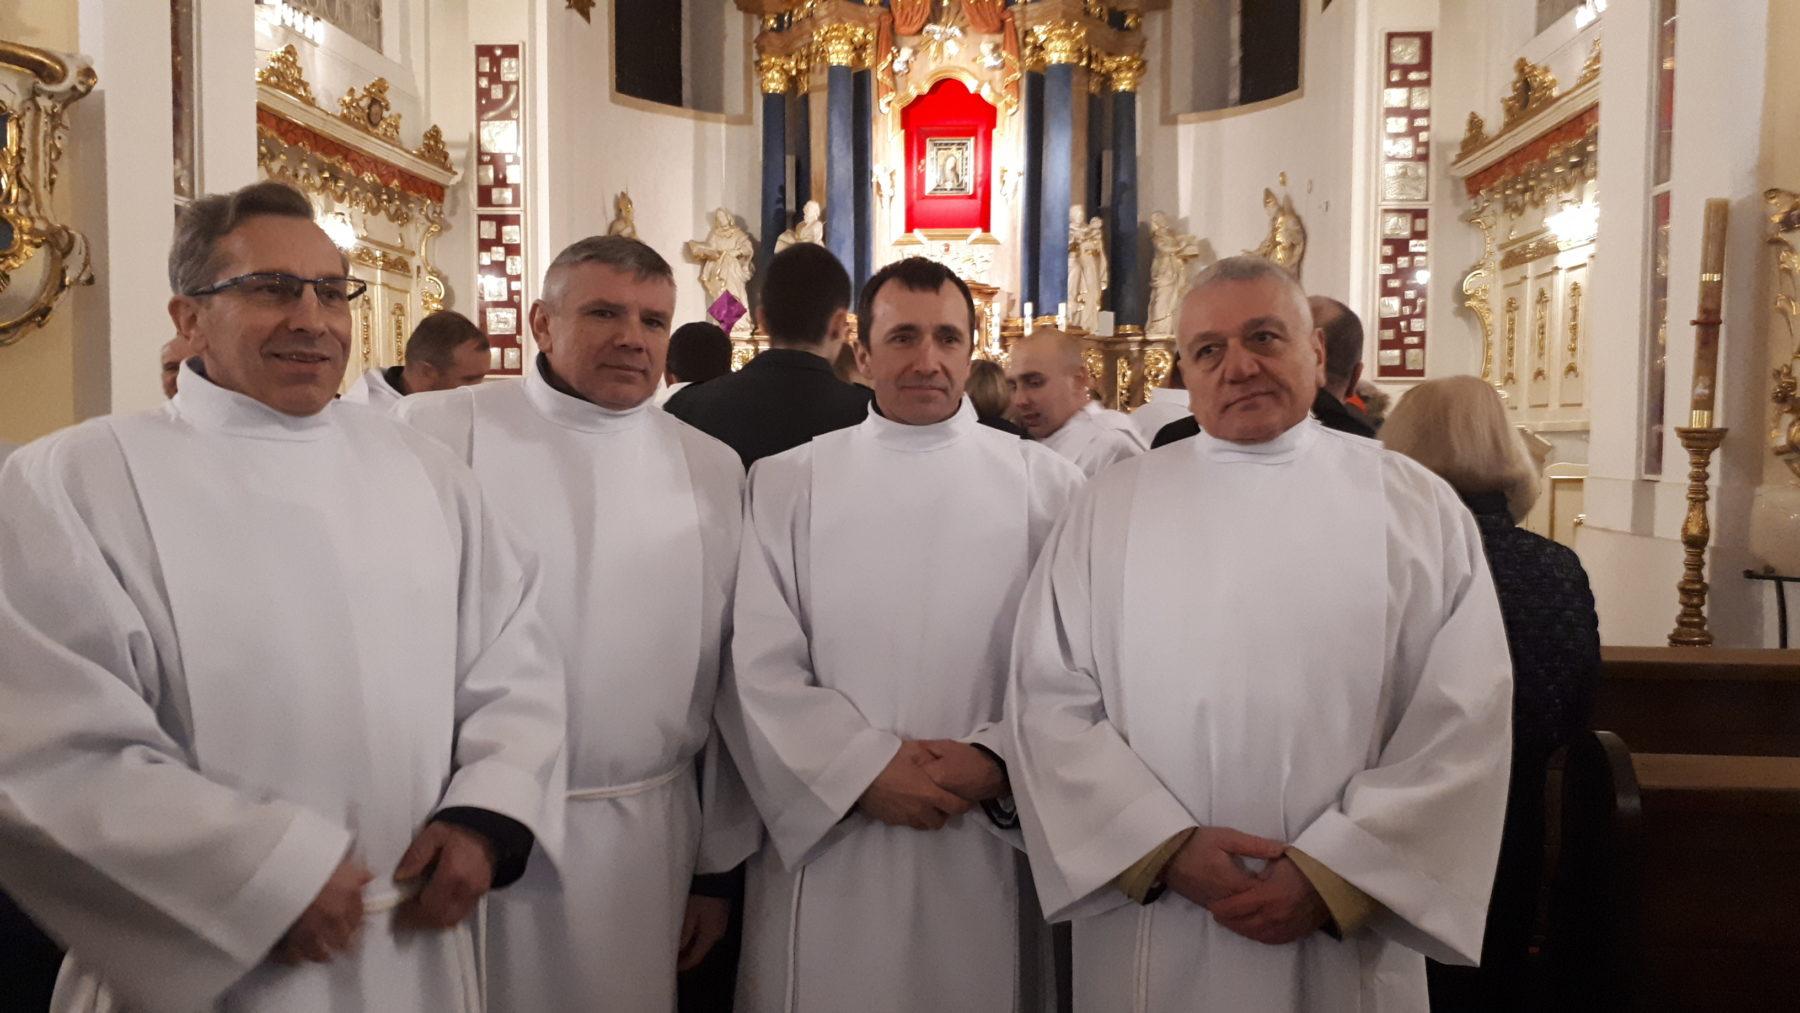 Nadzwyczajni Szafarze Komunii Świętej